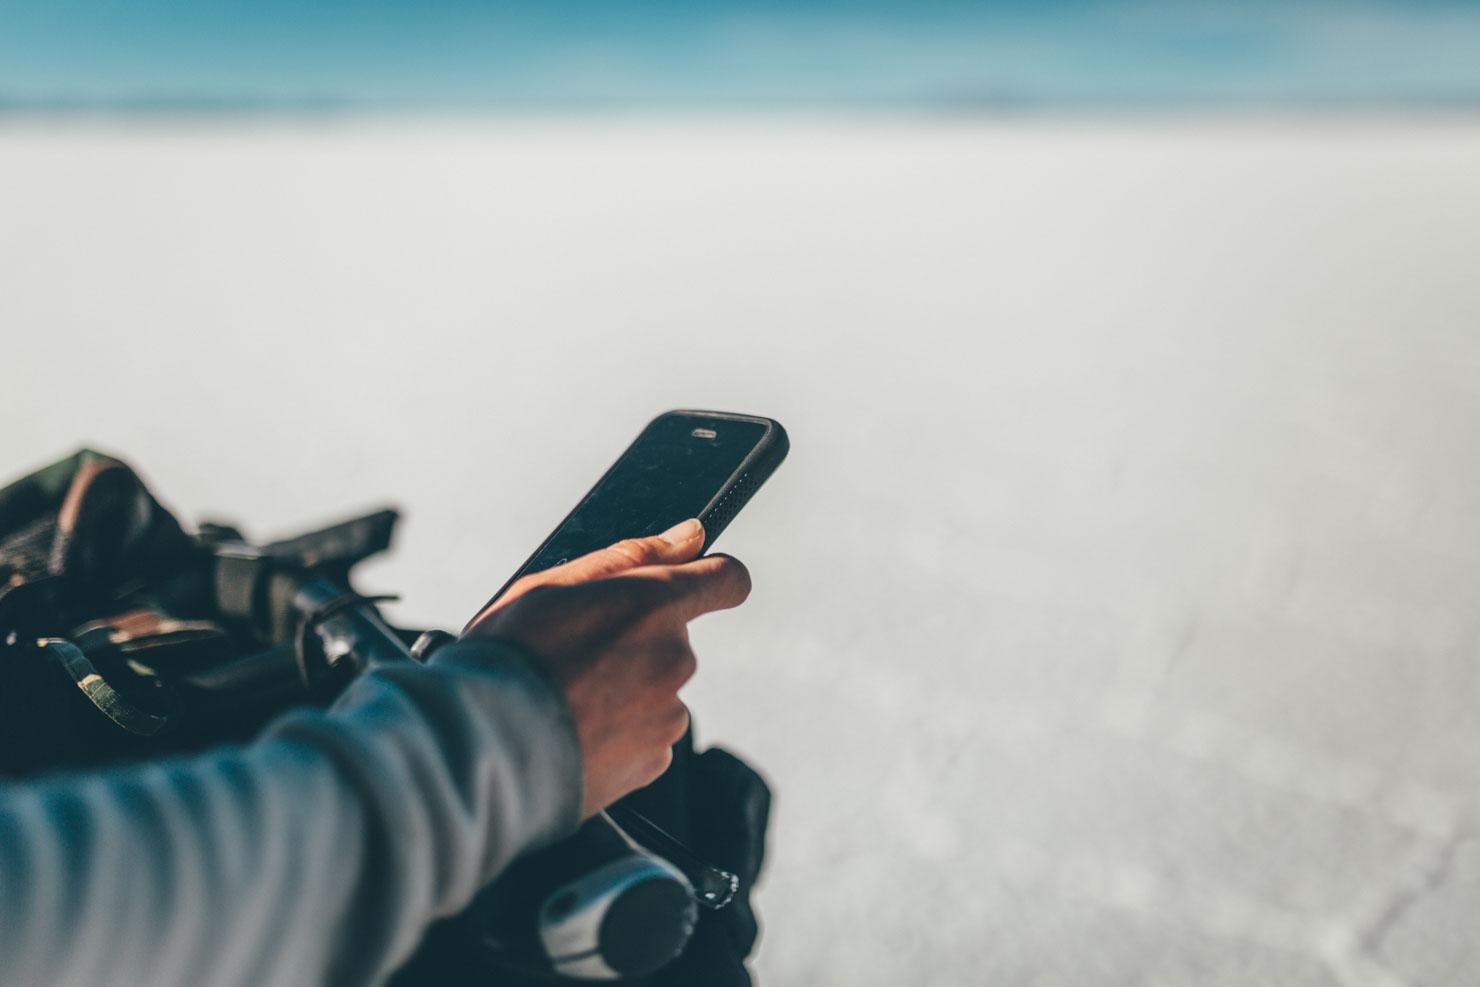 smartphone-as-gps-25-3e75fcf043f0df0632c0e211ff418c91.jpg